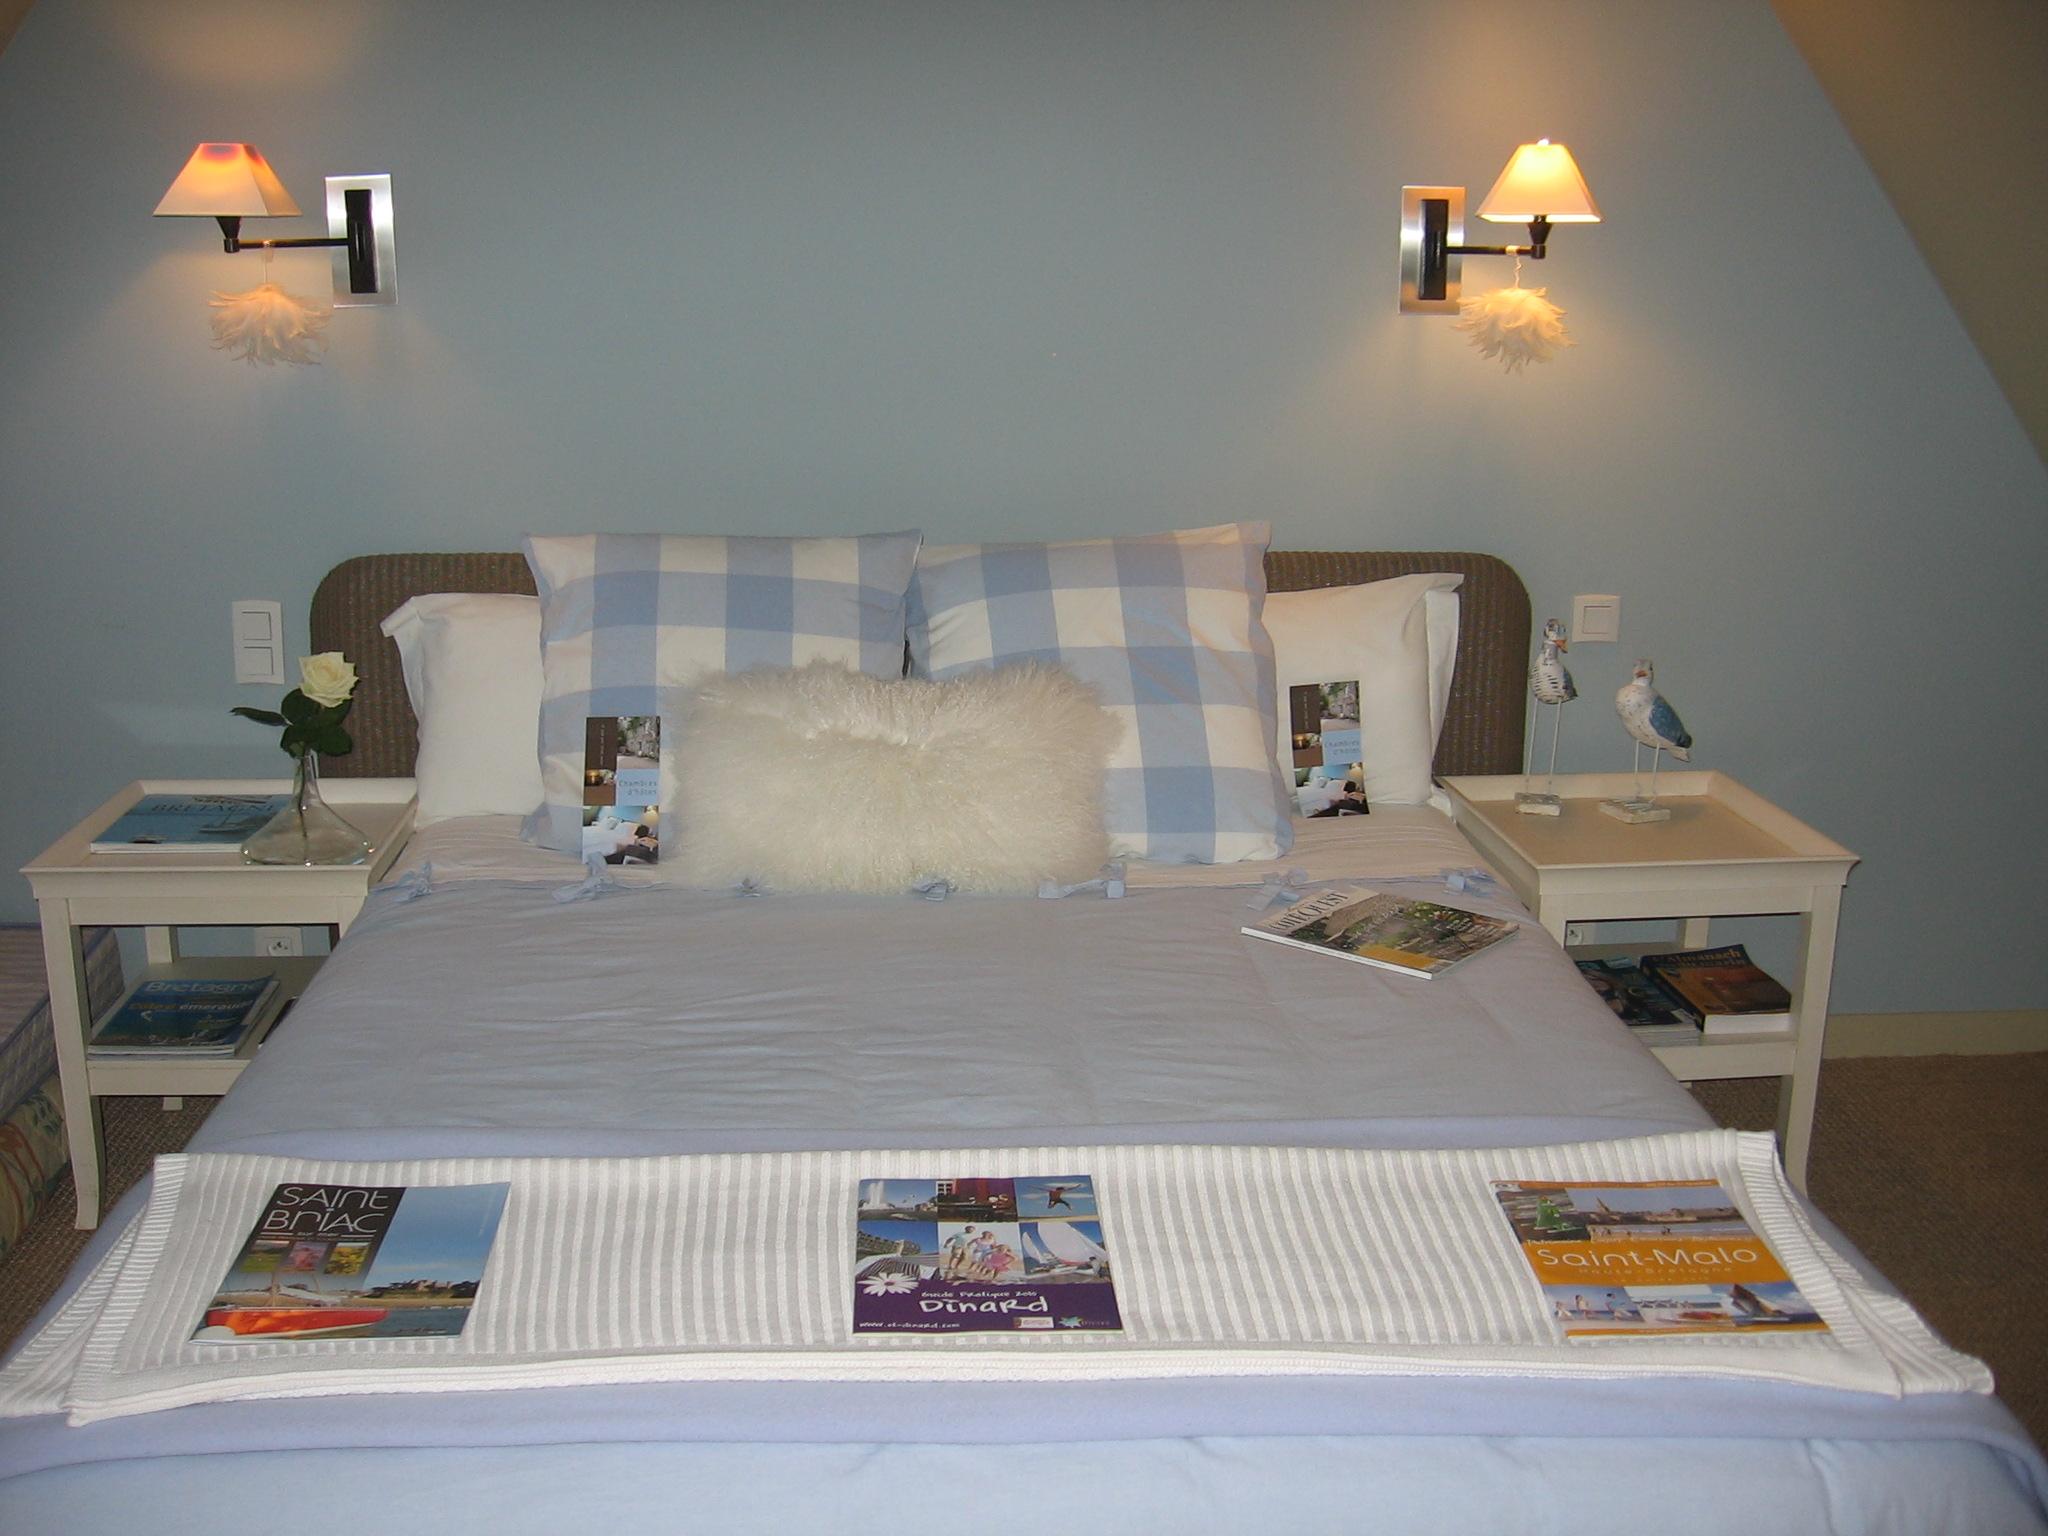 Chambre comble de r ves chambres d 39 h tes le vieux logis - Chambre d hotes saint guilhem le desert ...